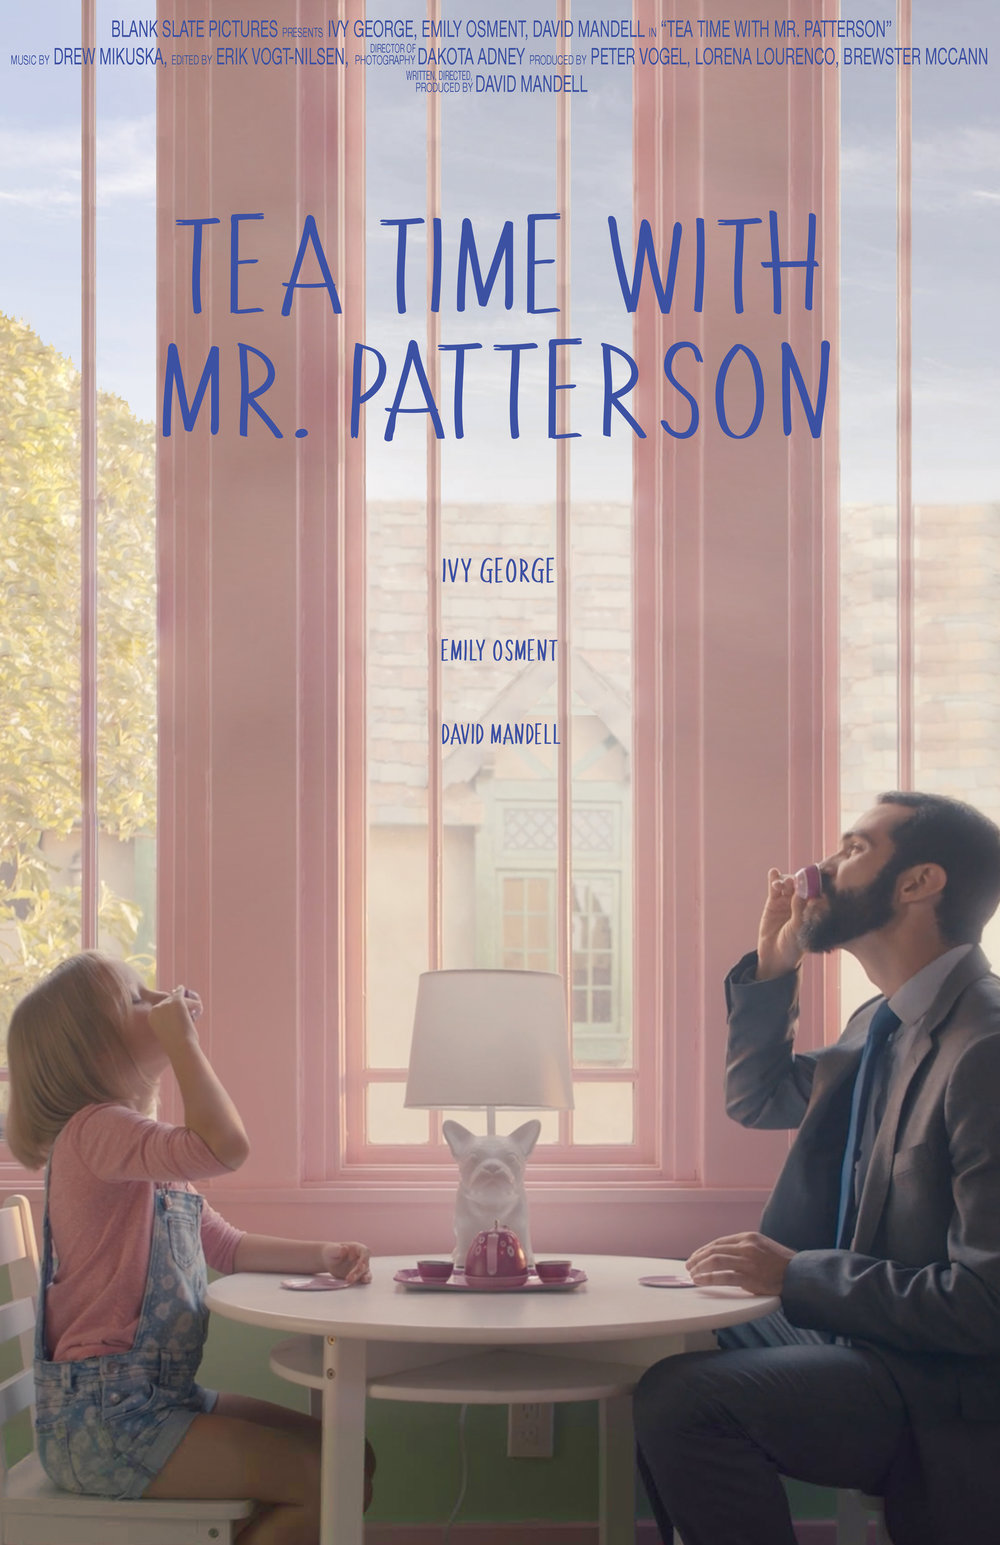 Teatime poster.jpg